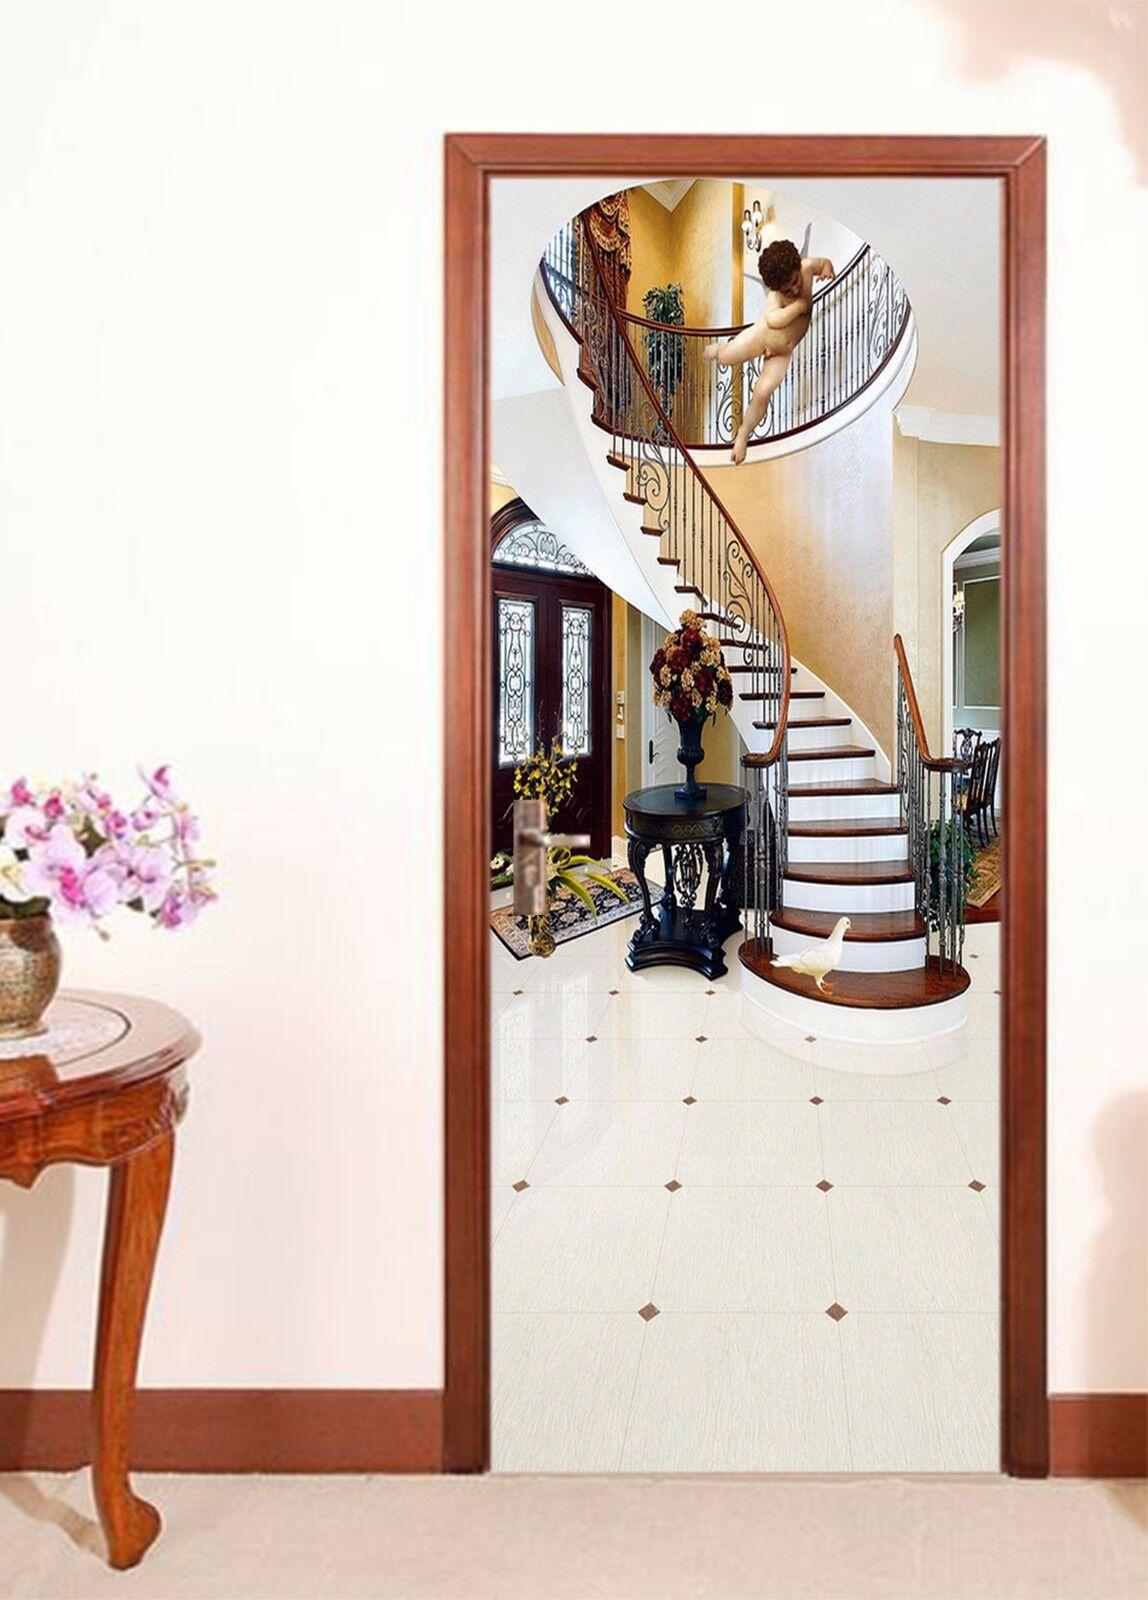 3D Engel 745 Tür Wandmalerei Wandaufkleber Aufkleber AJ WALLPAPER DE Kyra | Optimaler Preis  | Niedrige Kosten  | Sehr gelobt und vom Publikum der Verbraucher geschätzt